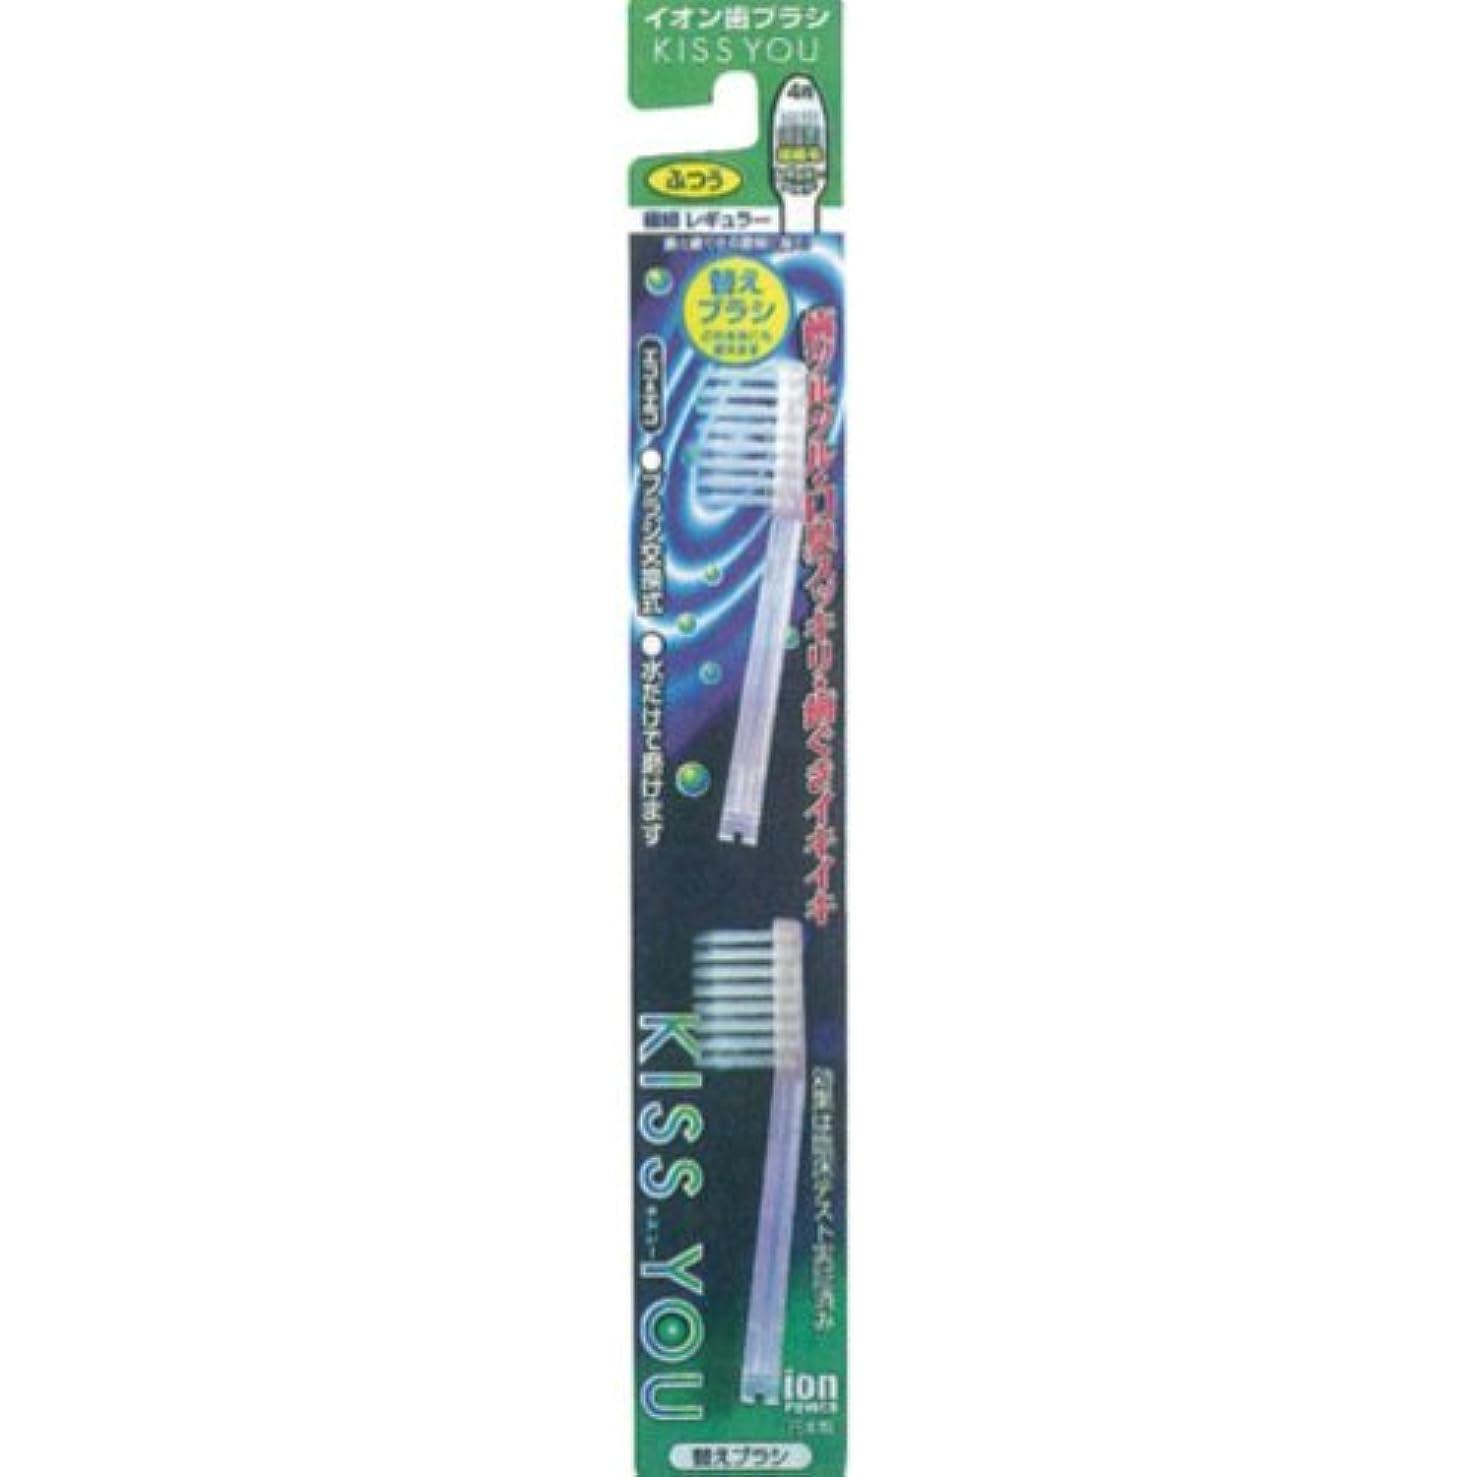 気づかない換気ファーザーファージュフクバデンタル キスユー イオン歯ブラシ 極細レギュラー 替えブラシ ふつう (2本入)